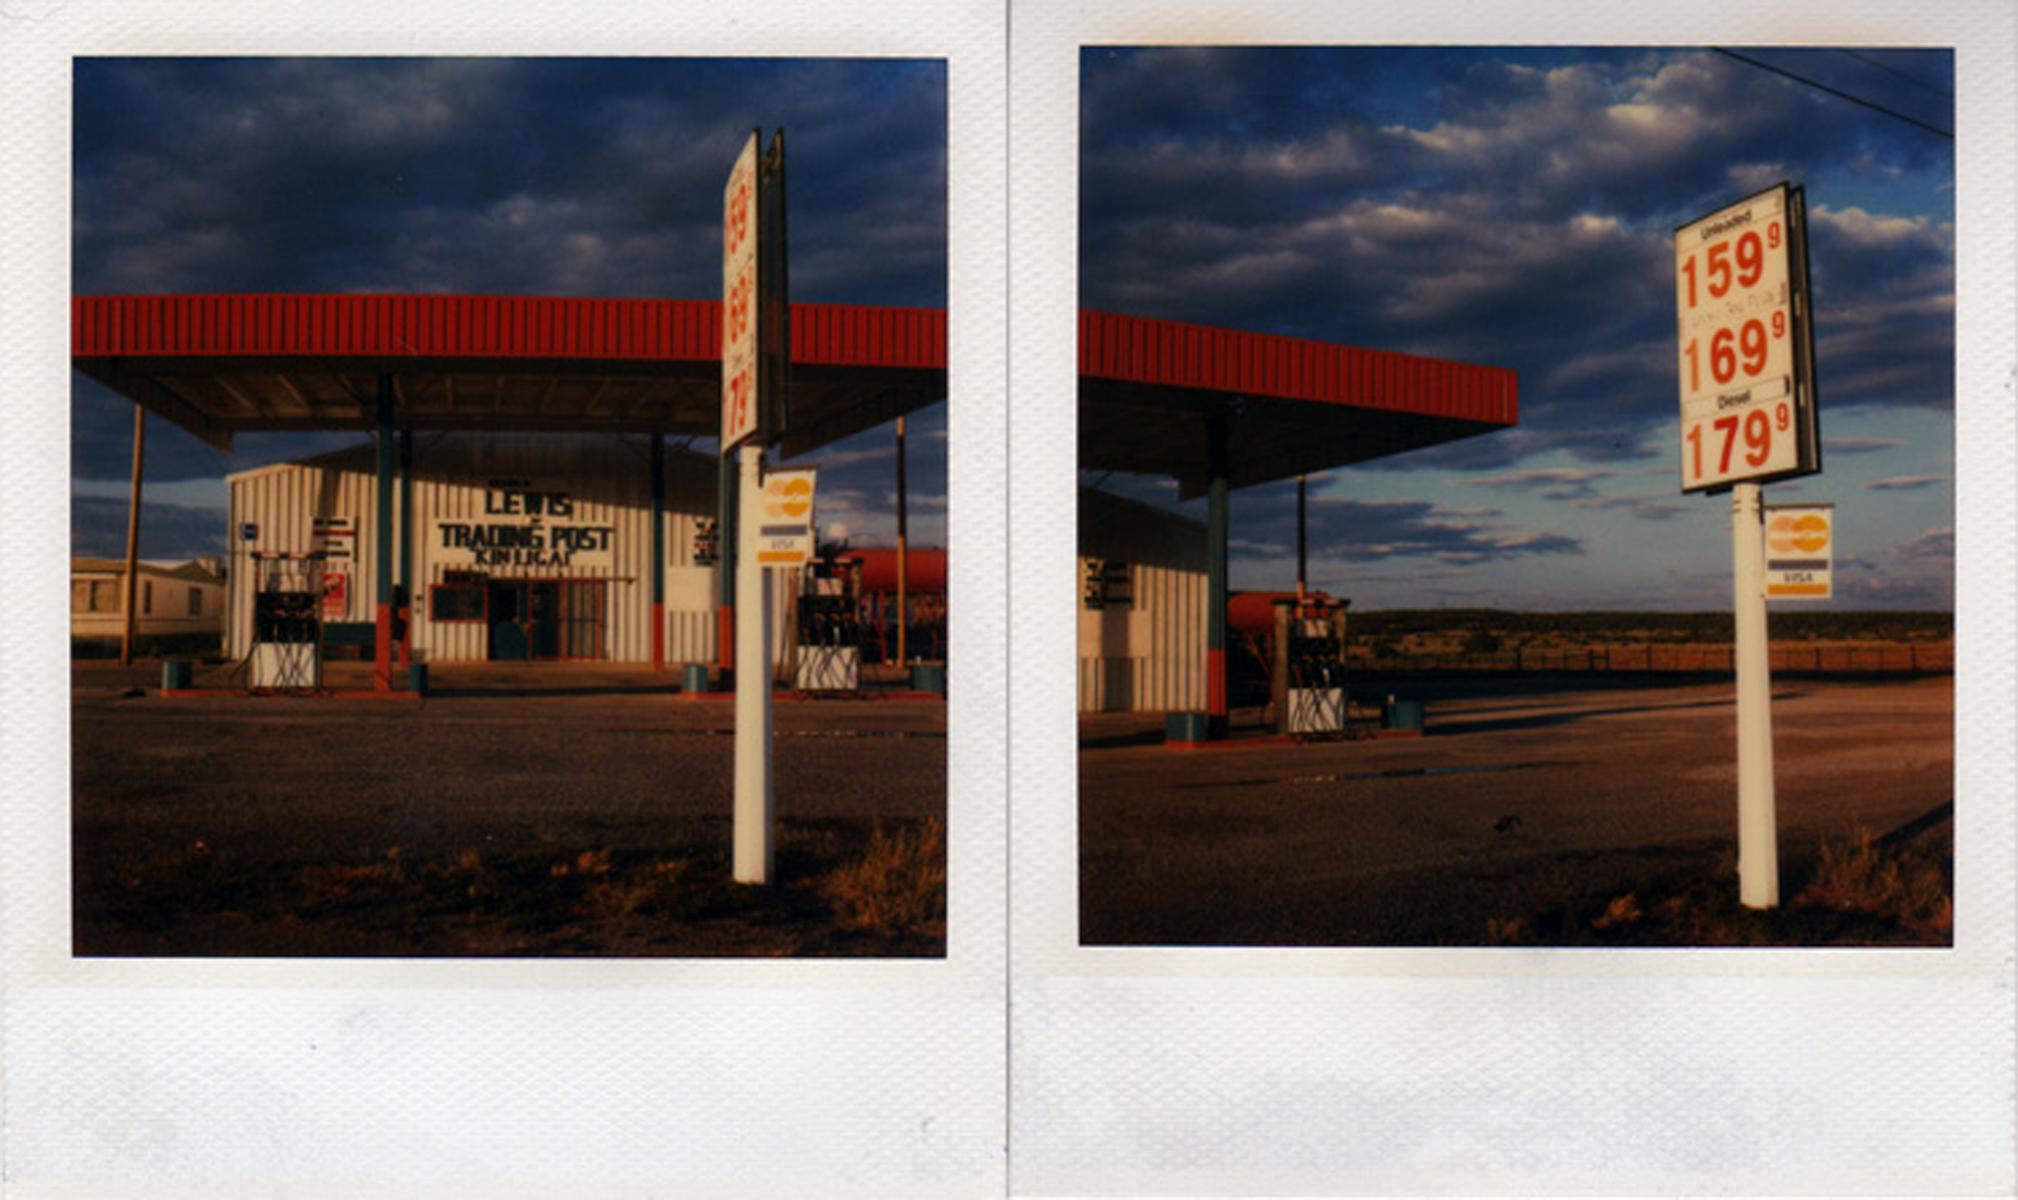 Price of gas, Arizona, 2004.